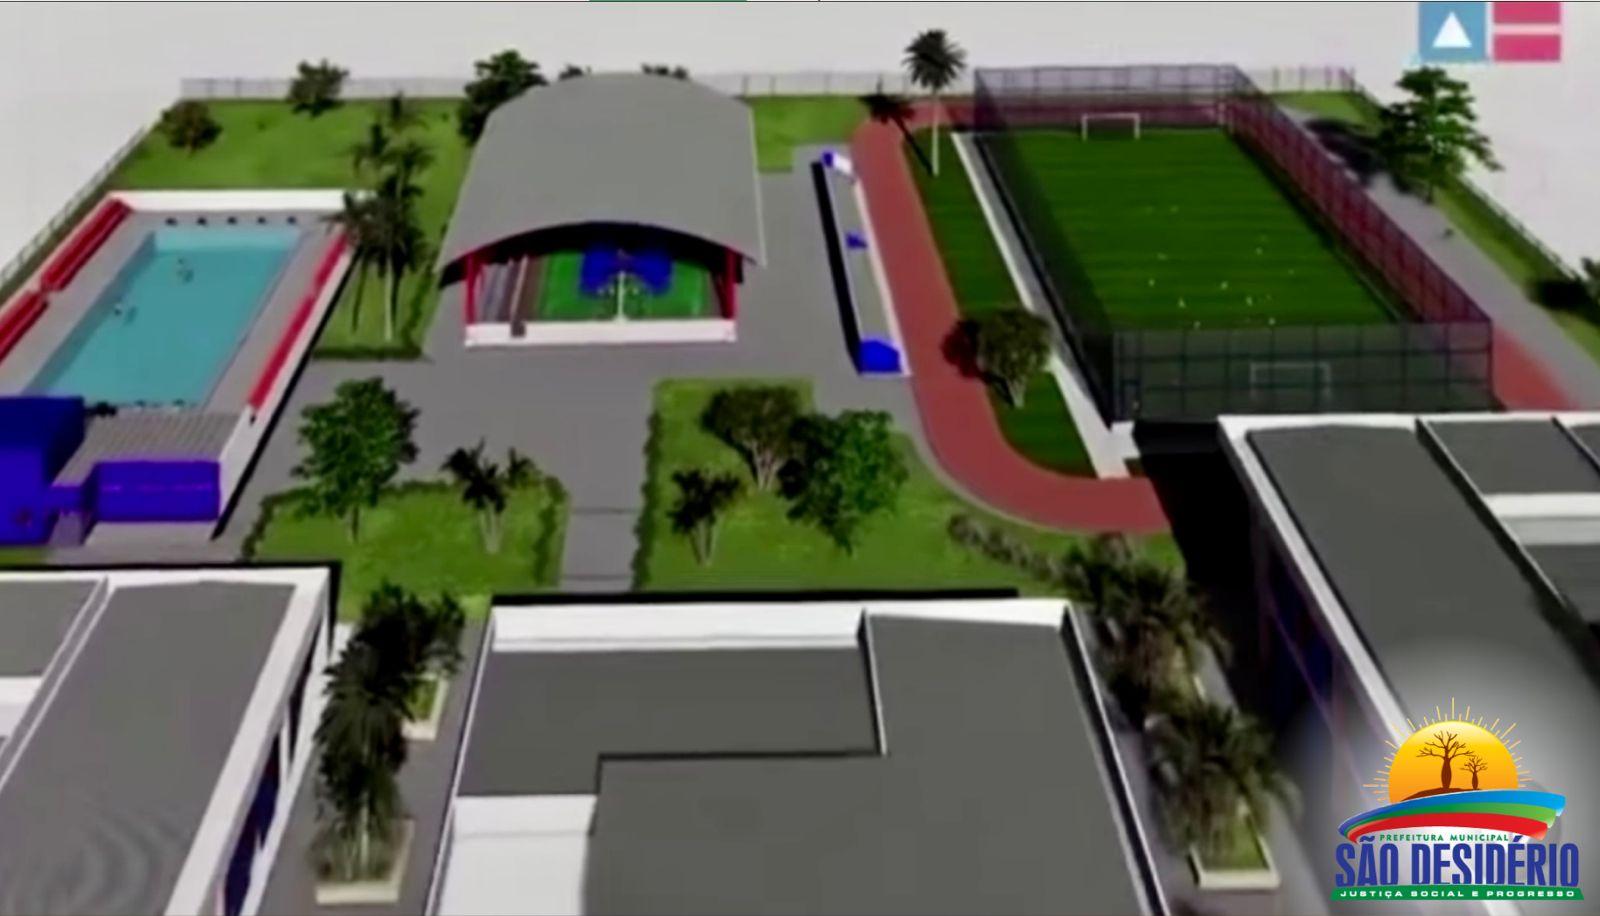 Escola de Ensino Médio em tempo integral será construída em São Desidério